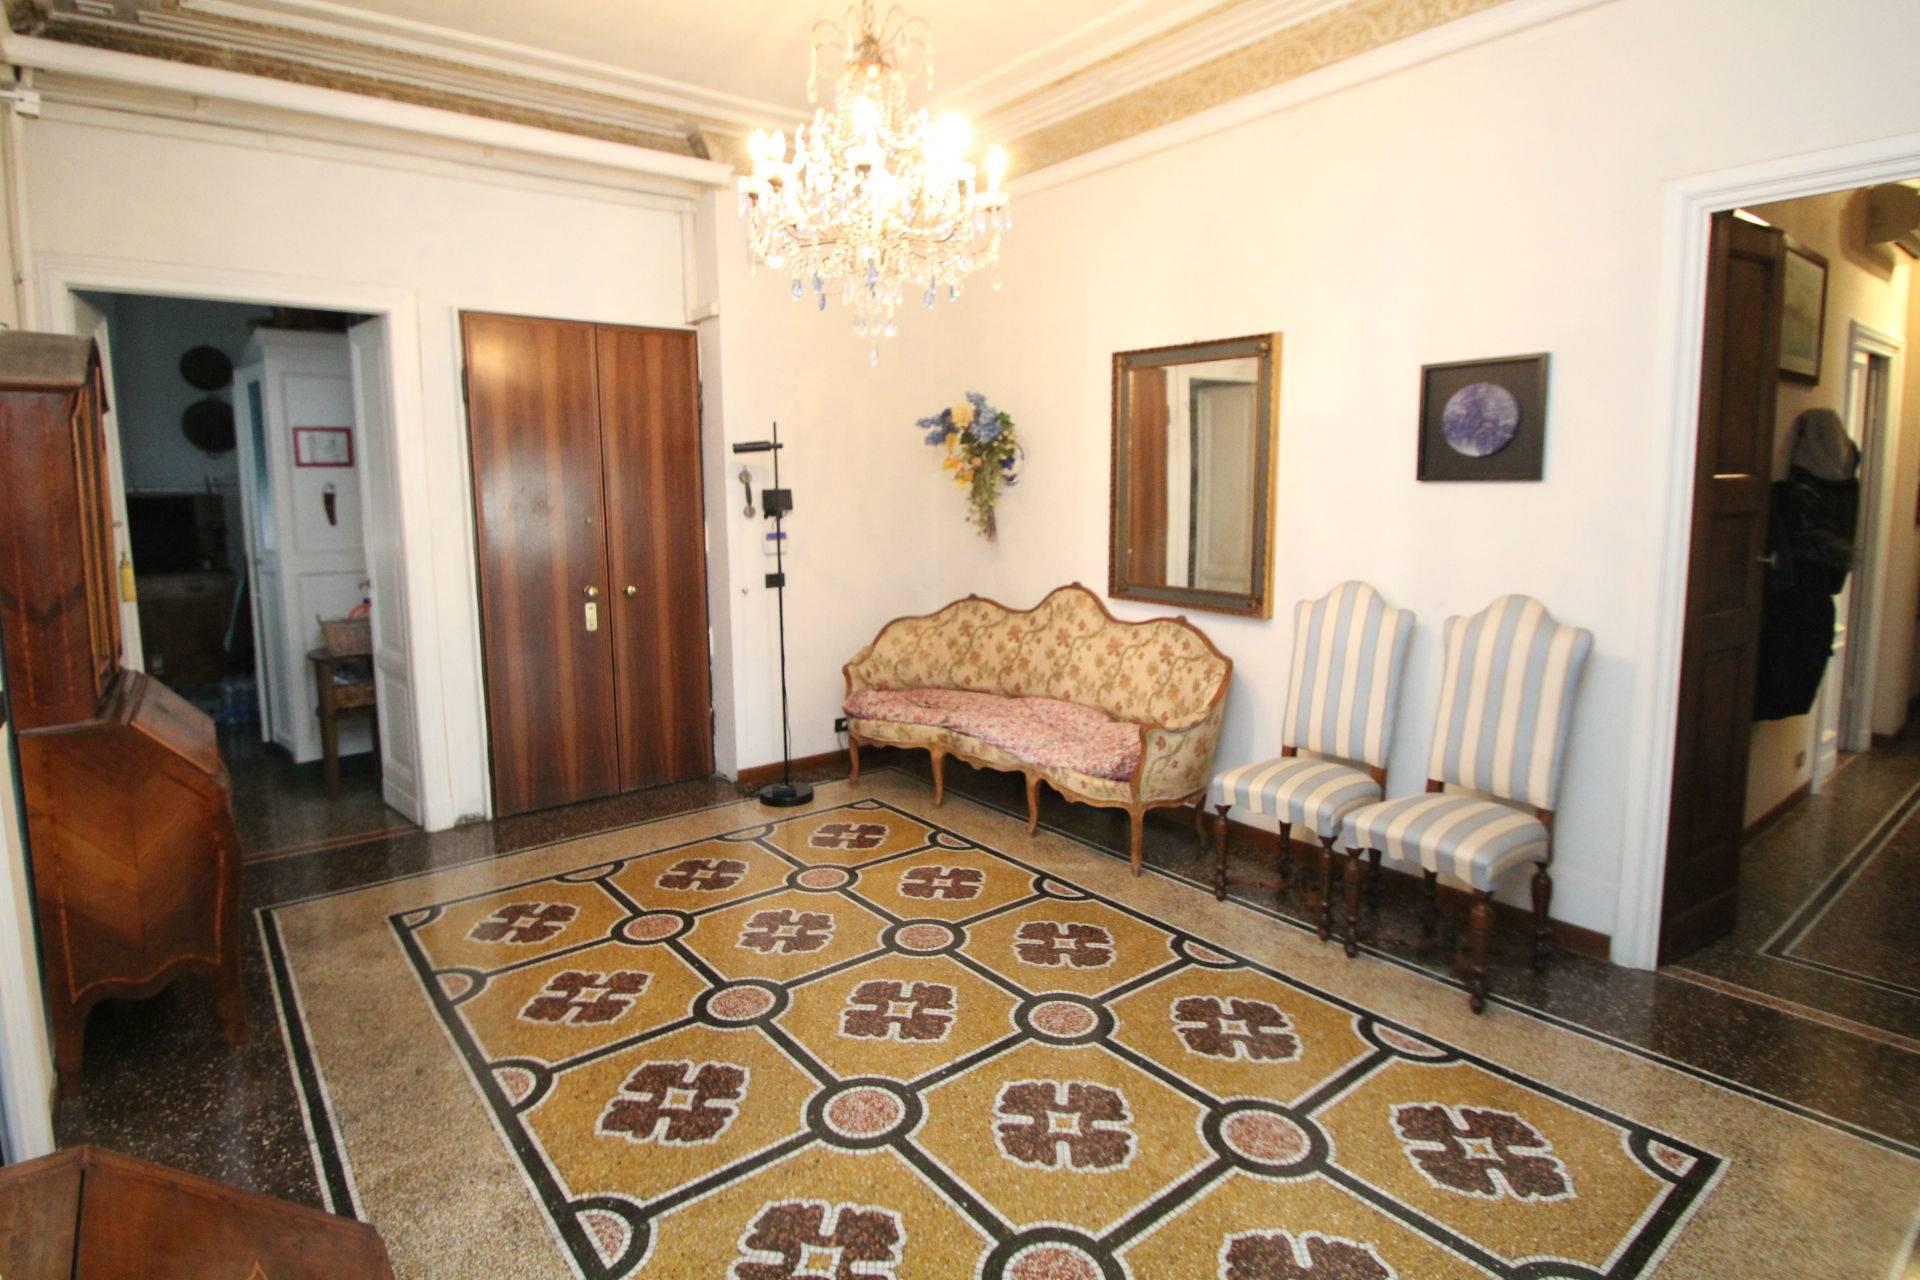 Vendita Porte A Genova appartamento in vendita a genova cod. cantore 47